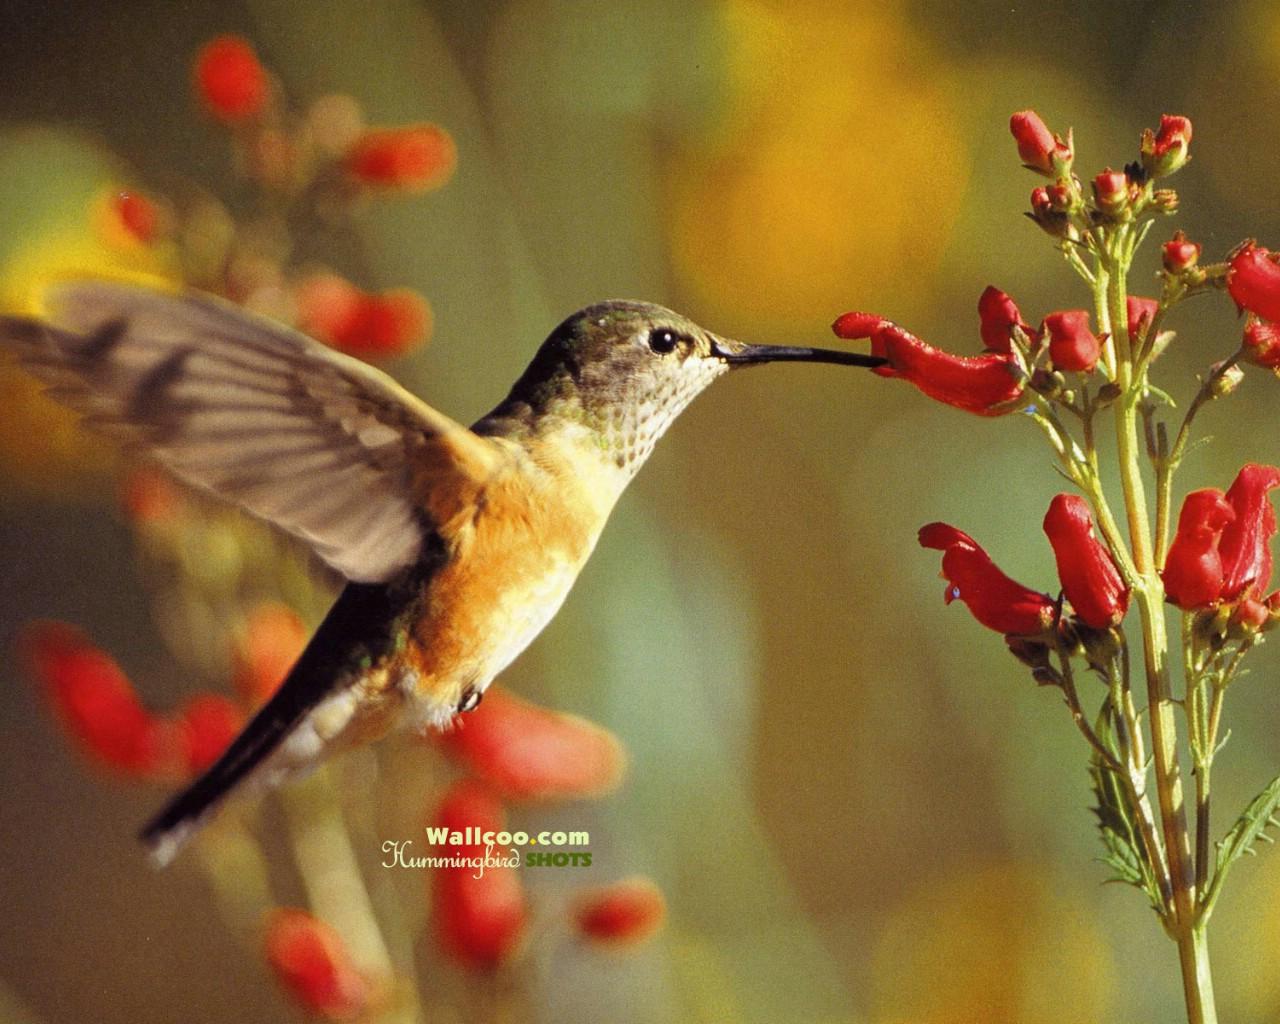 蜂鸟棚拍人像美女